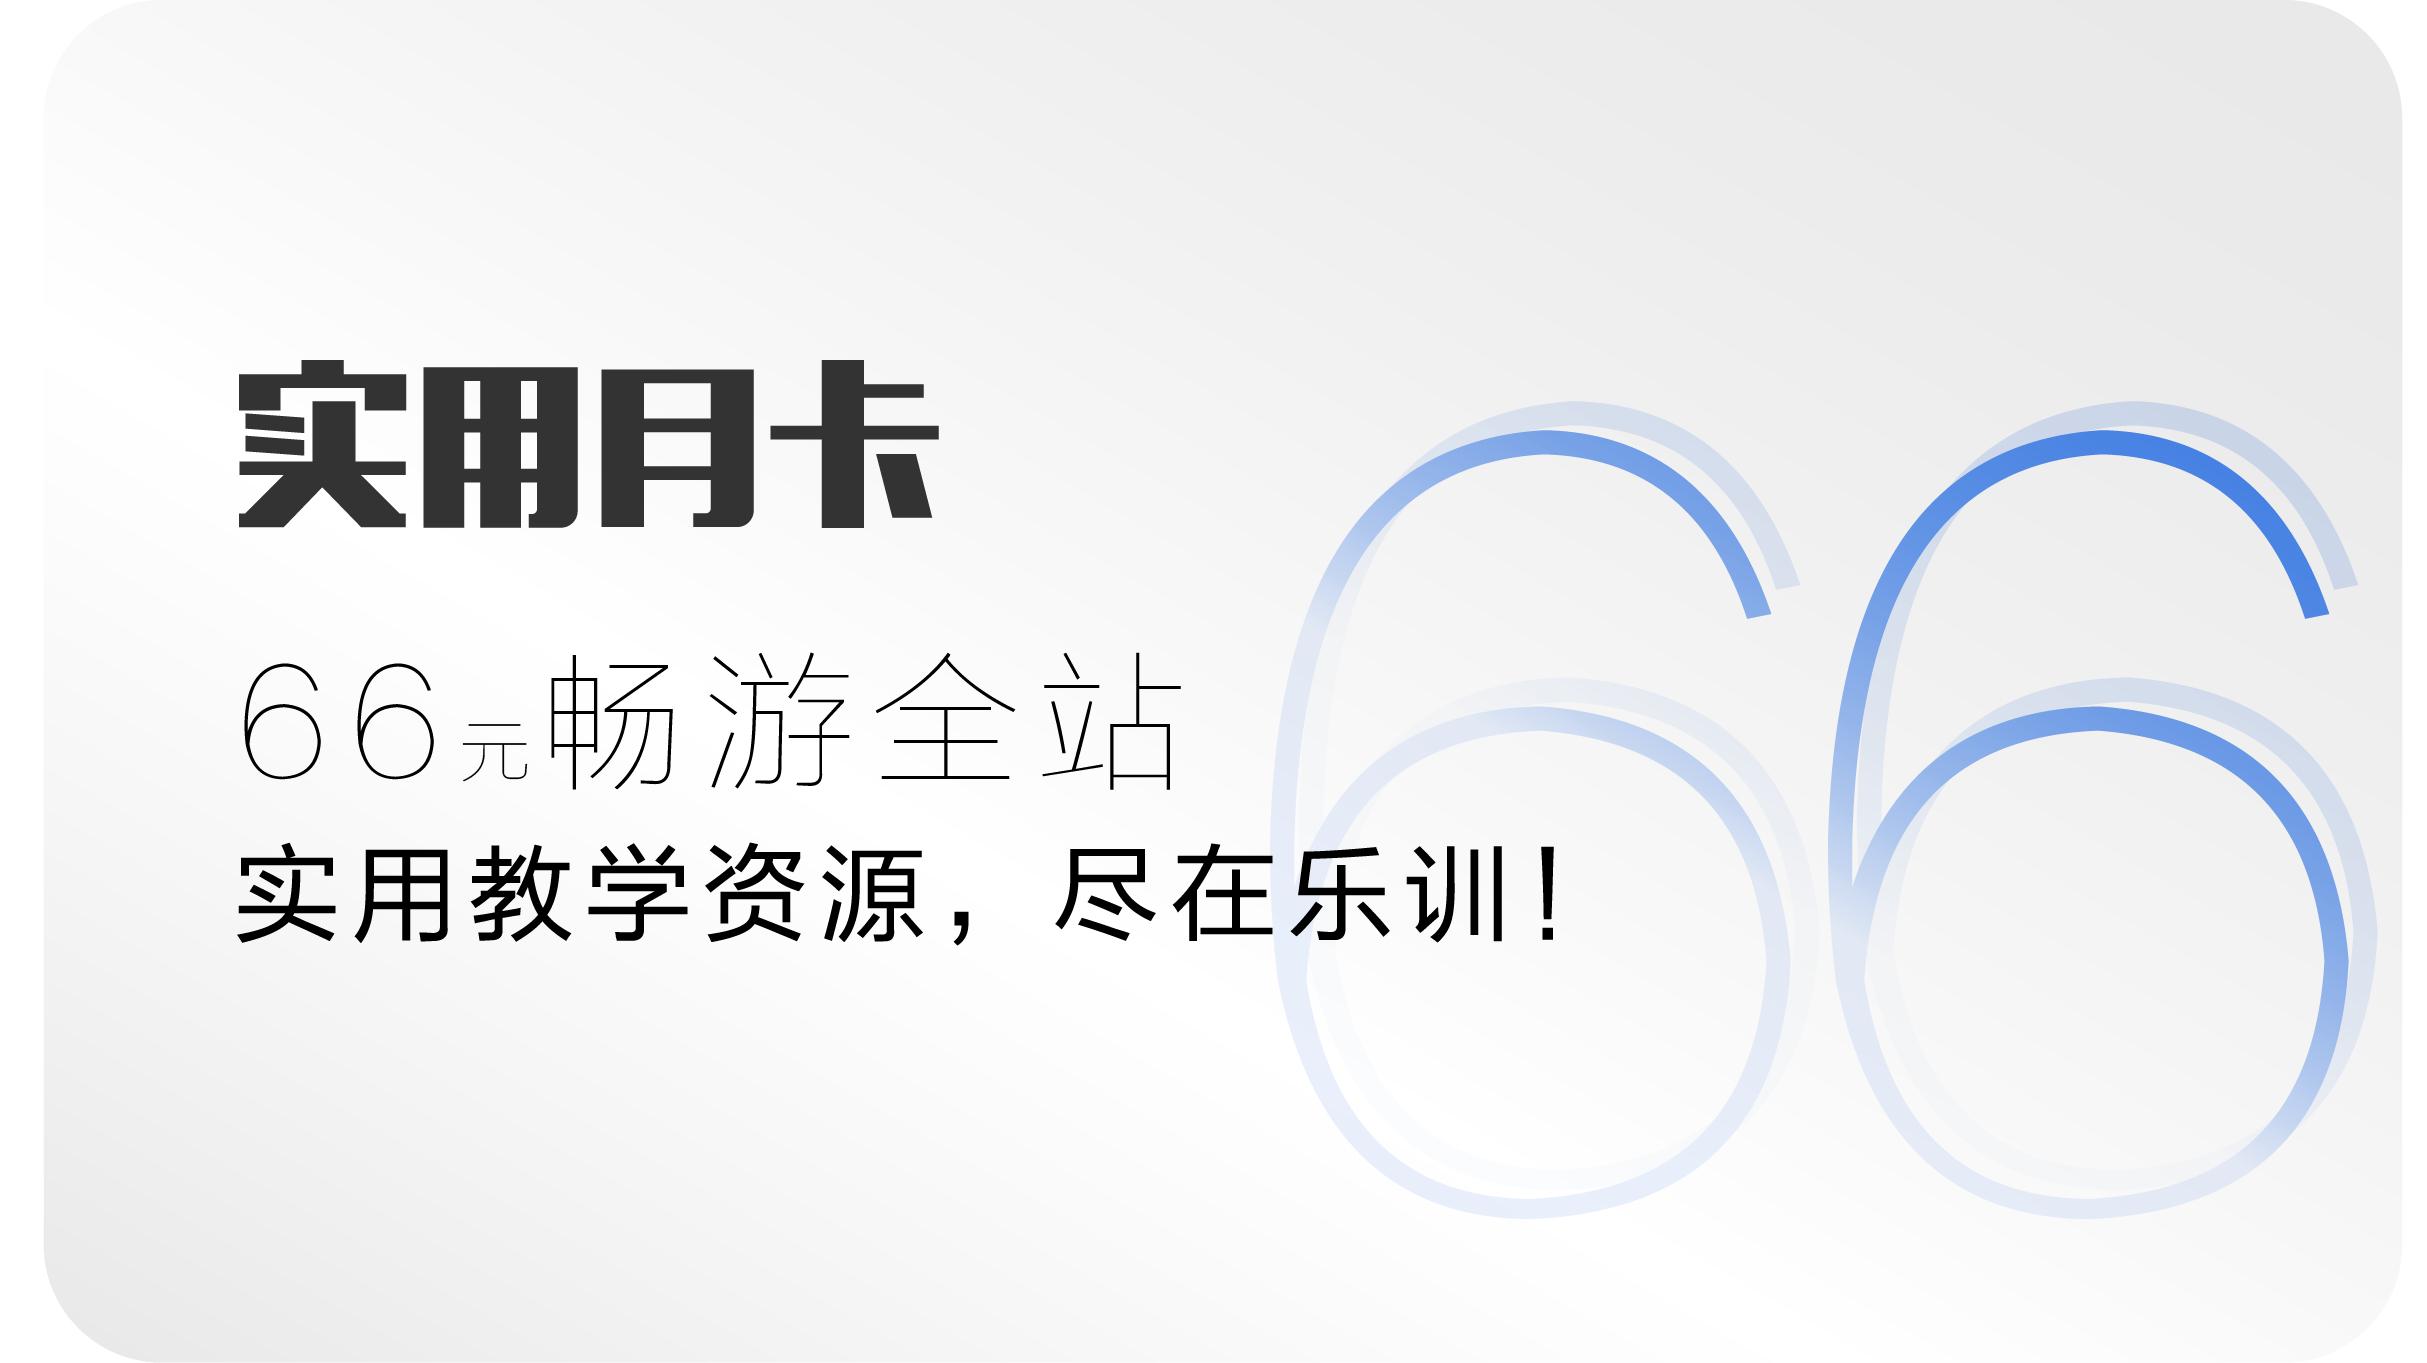 123KE.cn全站内容免费学VIP月卡